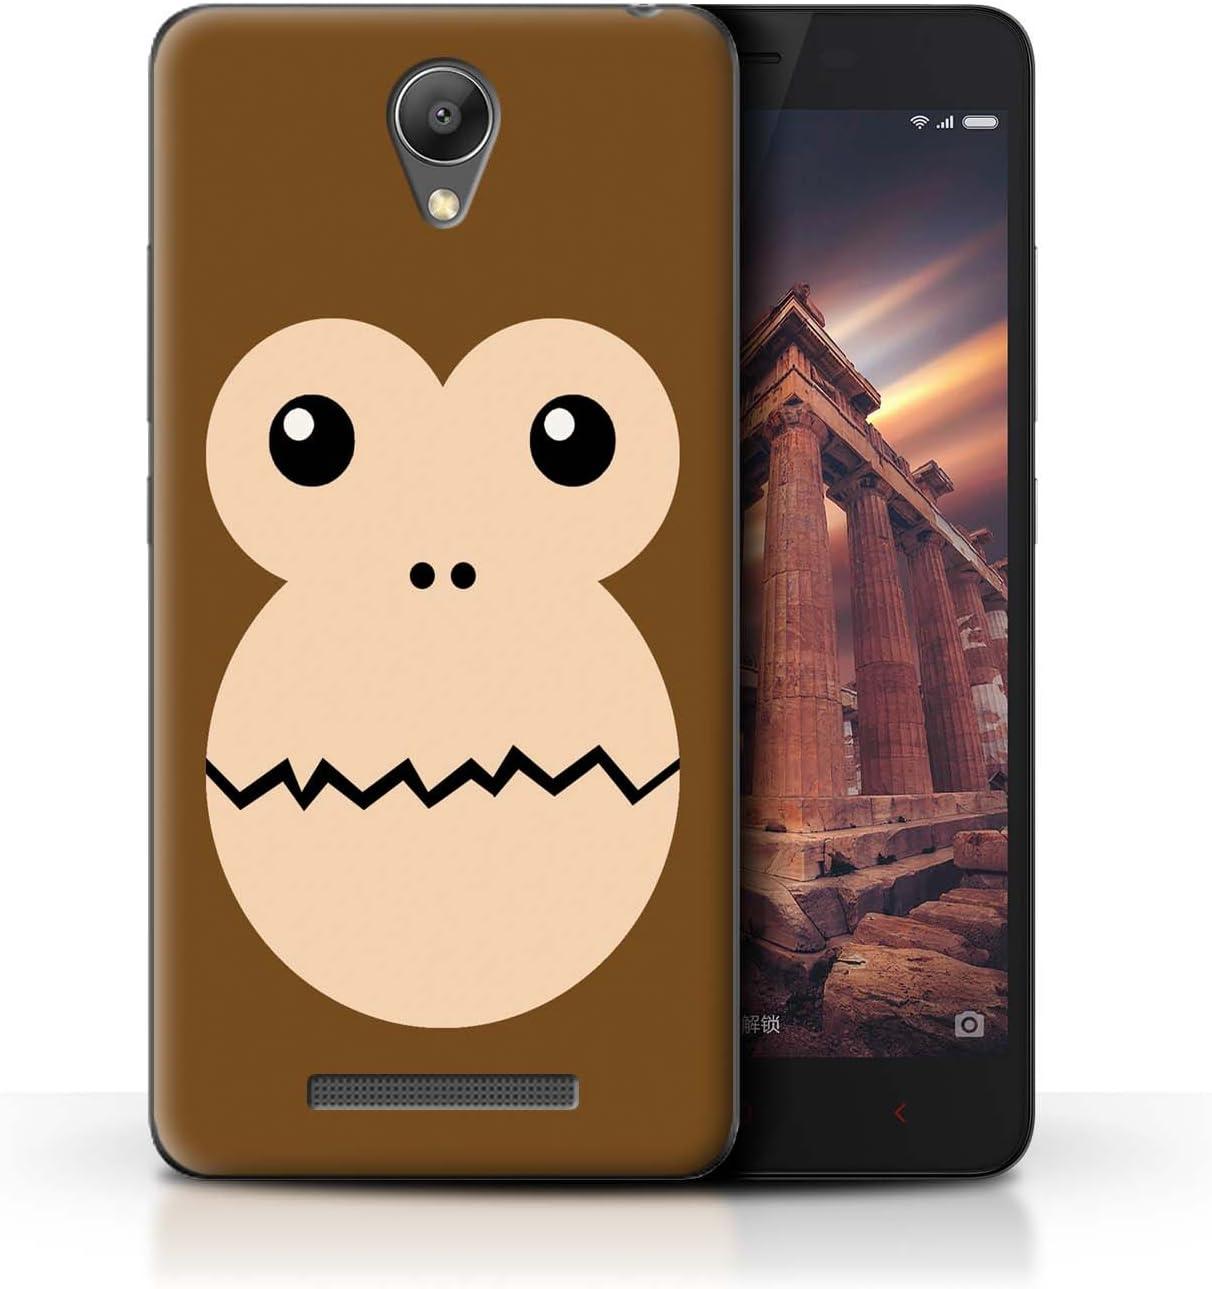 Stuff4® ® Phone Case/Cover/Skin/Xia de CC/Dibujos Animados Animal Faces Collection Mono Xiaomi Redmi Note 2 (Prime): Amazon.es: Informática